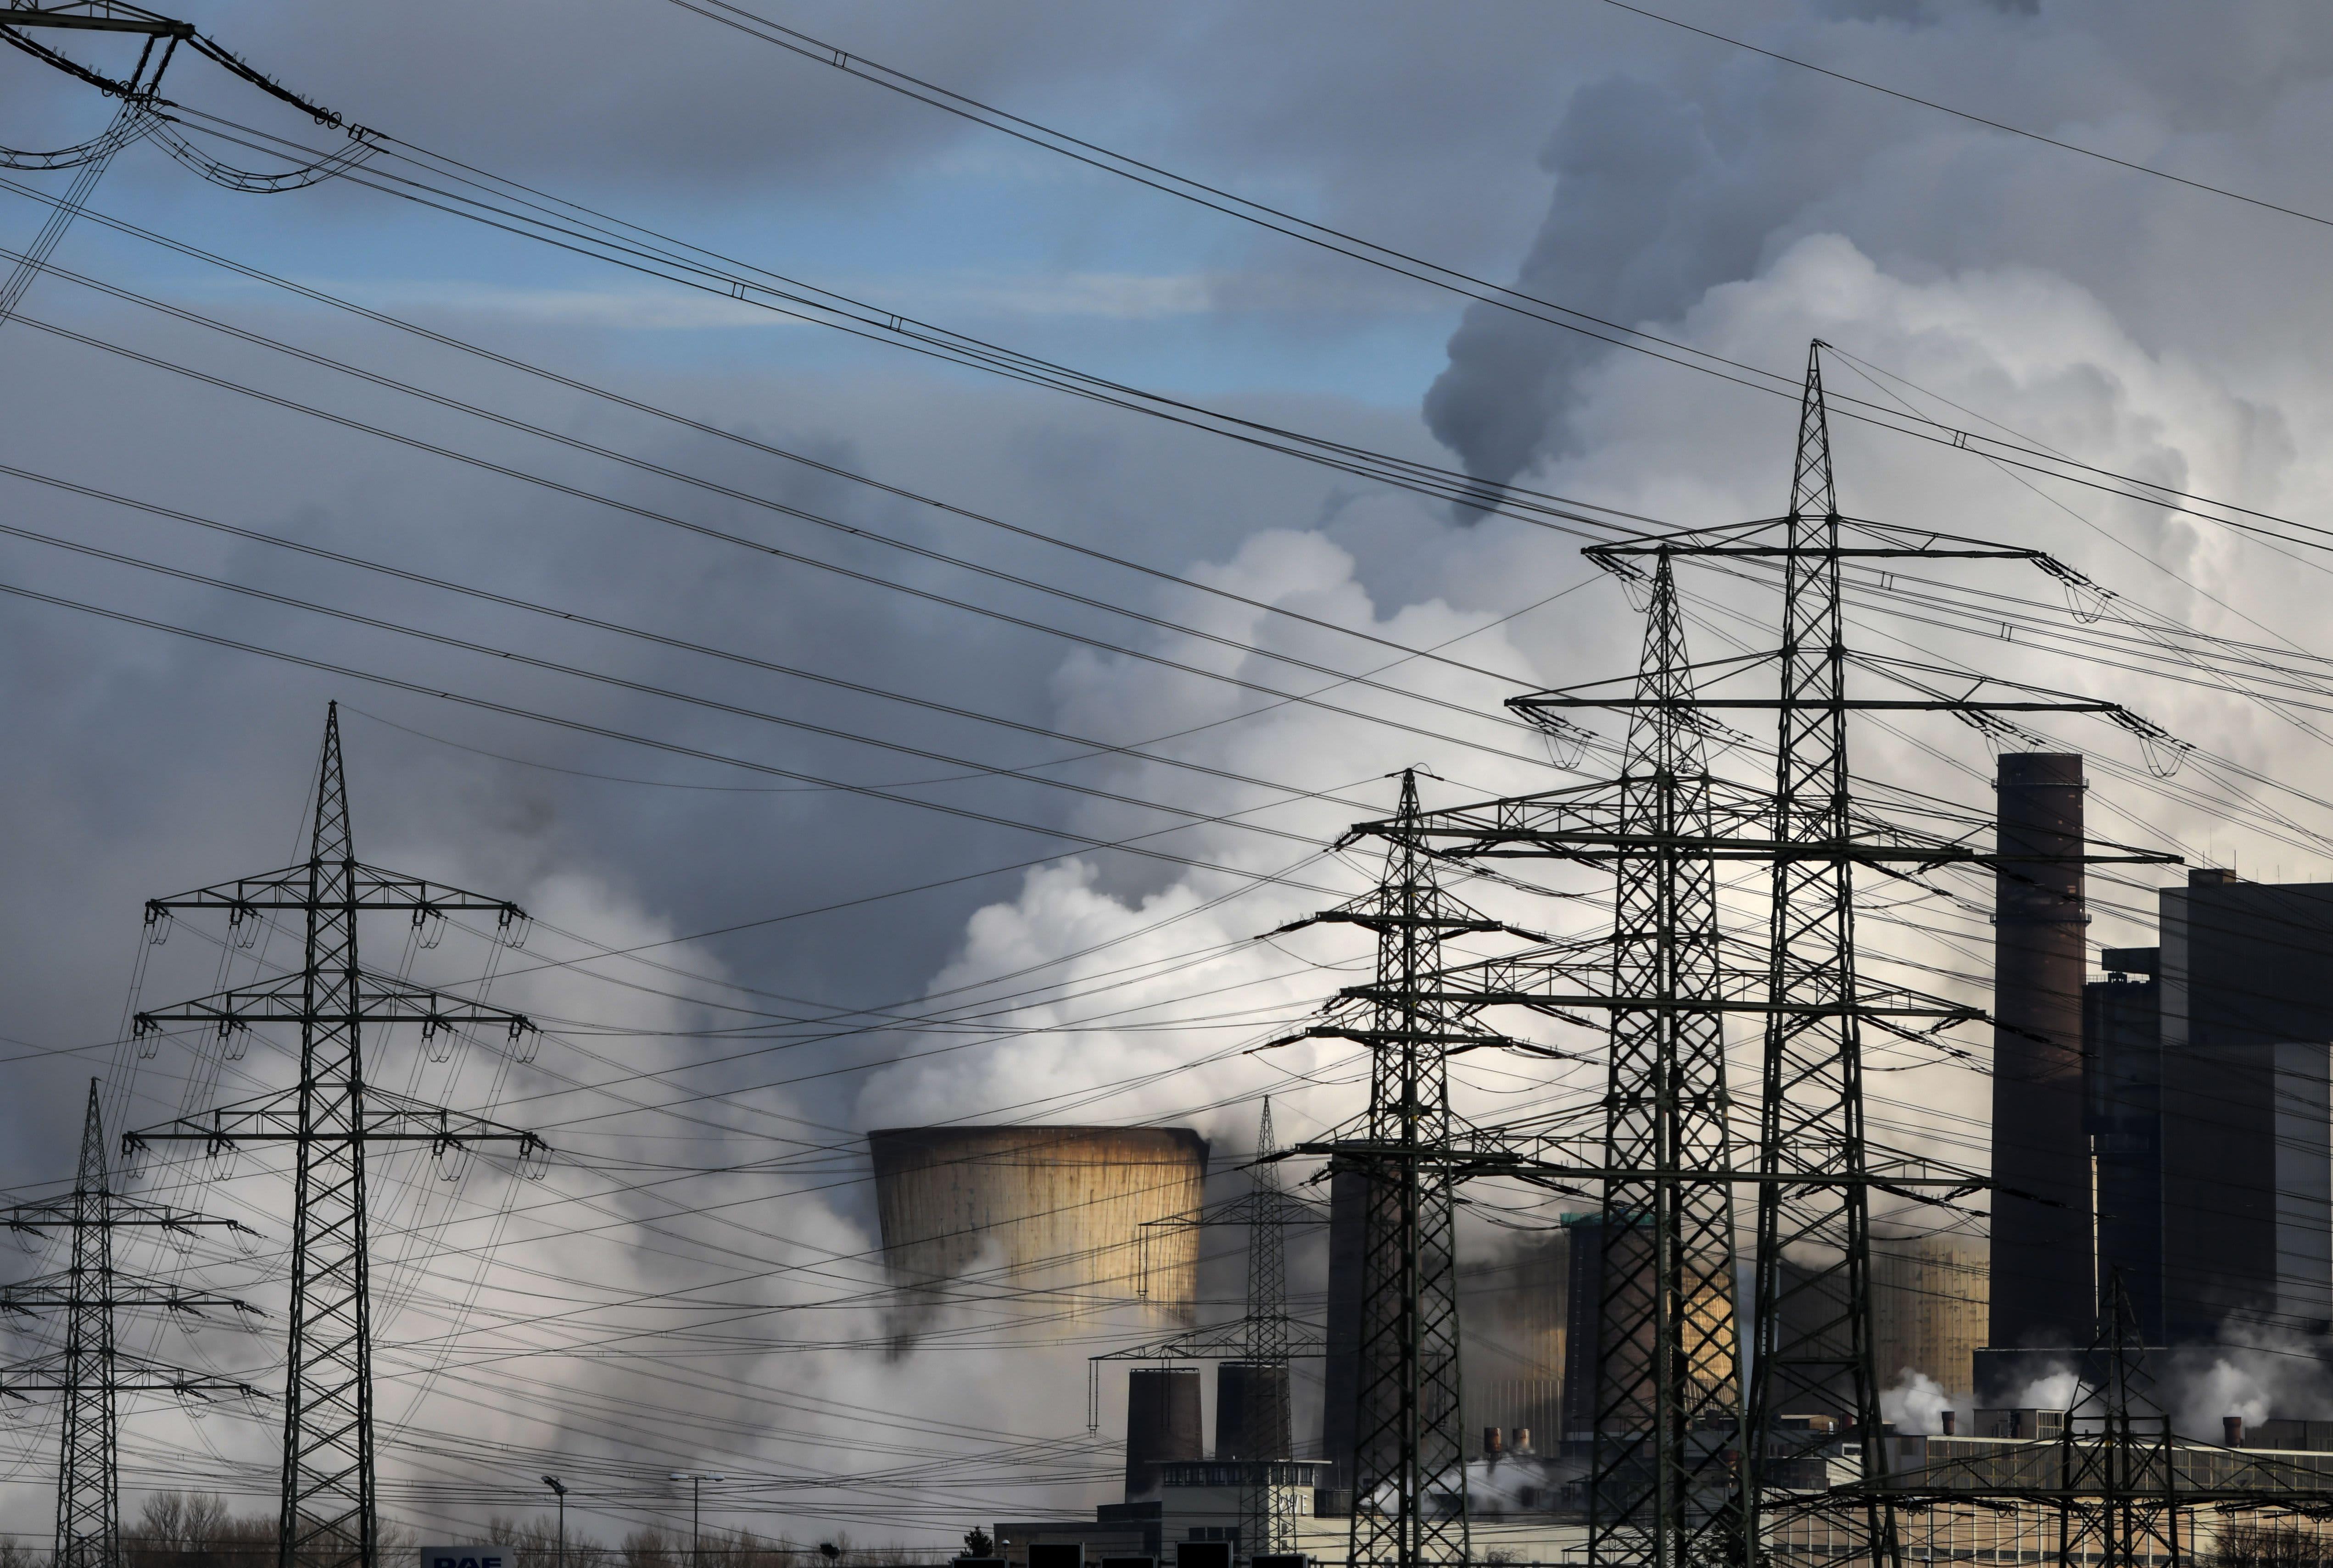 Kinh doanh: Chuyên gia tư vấn kinh doanh cho biết: Giá năng lượng tăng sẽ bóp chết lợi nhuận của công ty